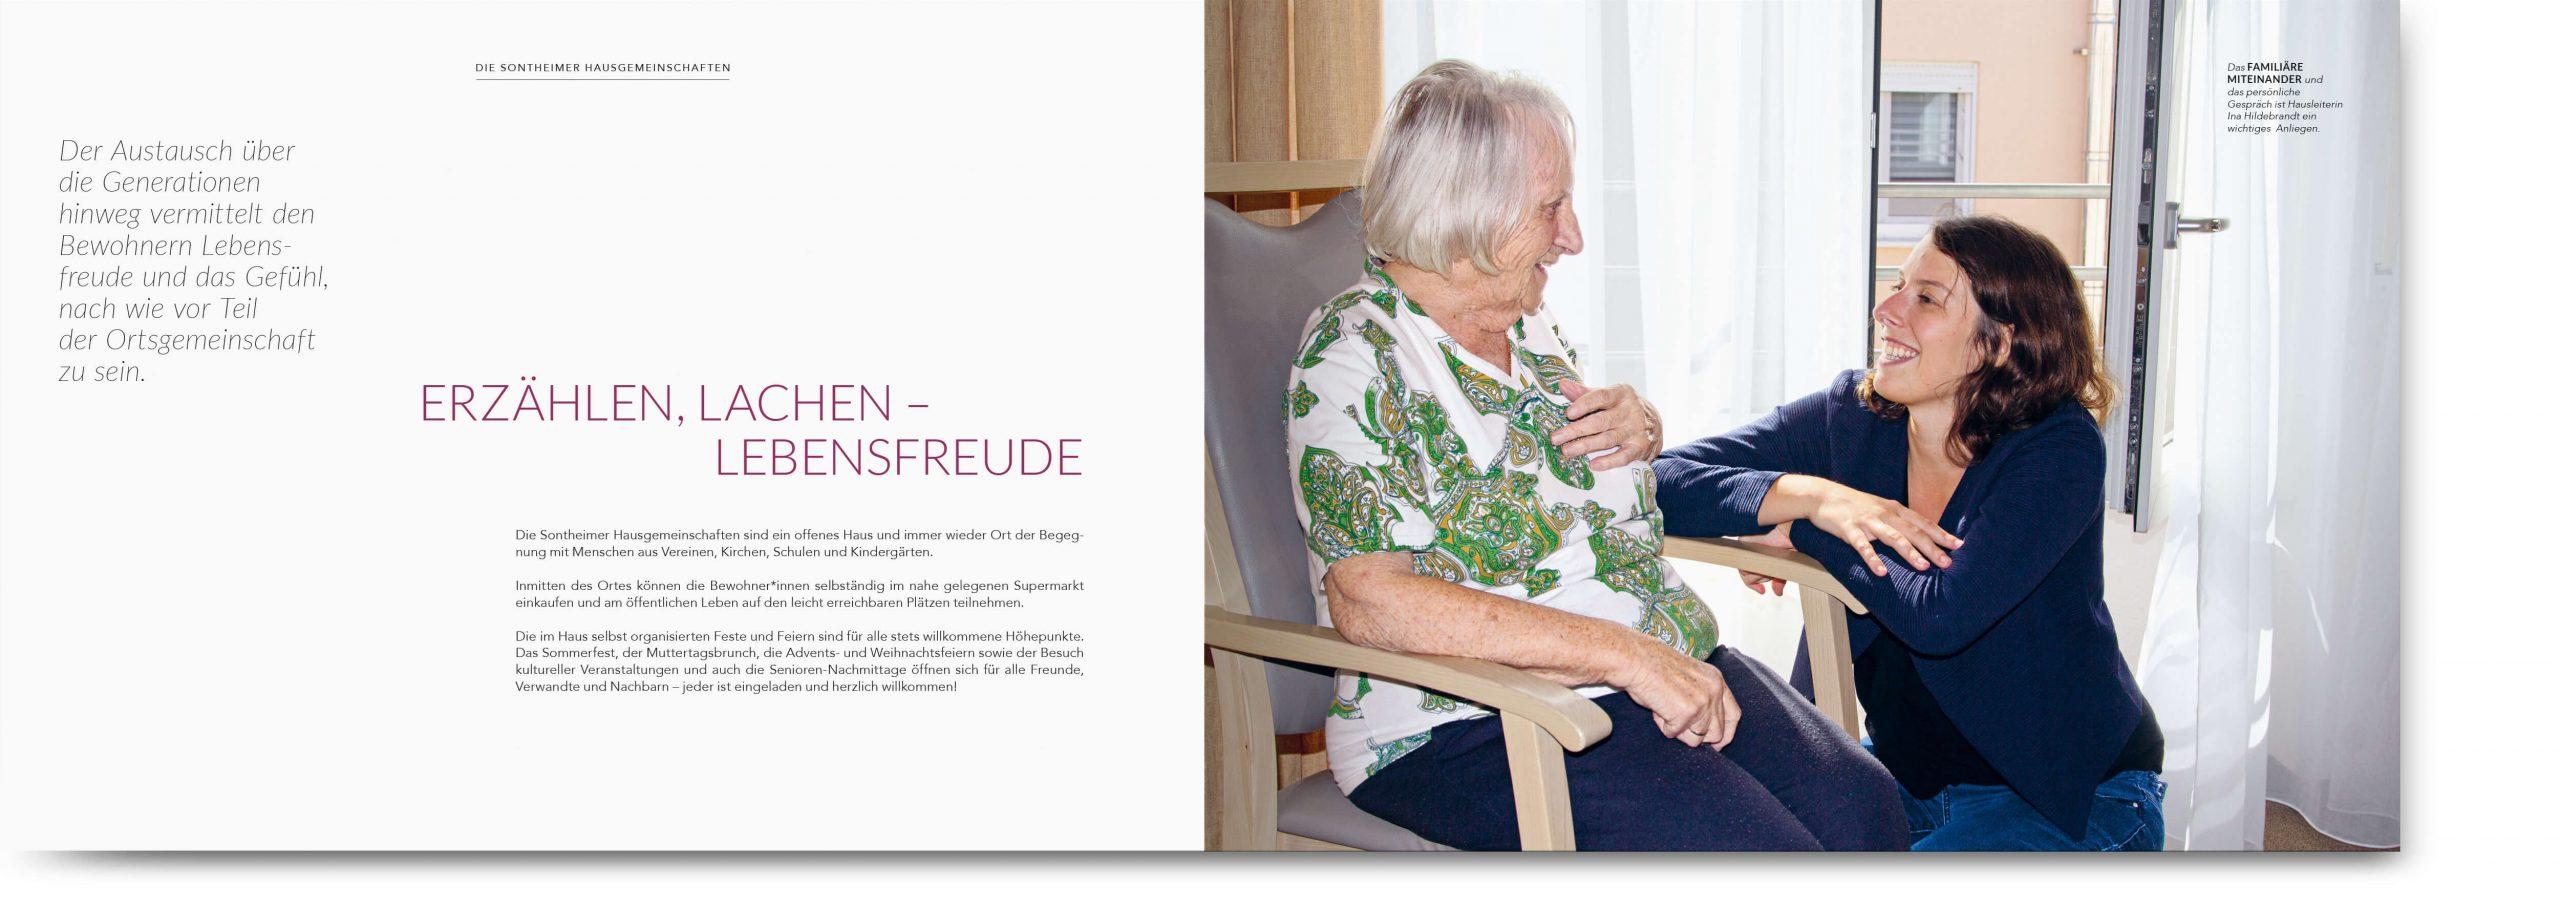 fh-web-asb-broschüren-sontheim-6-scaled.jpg